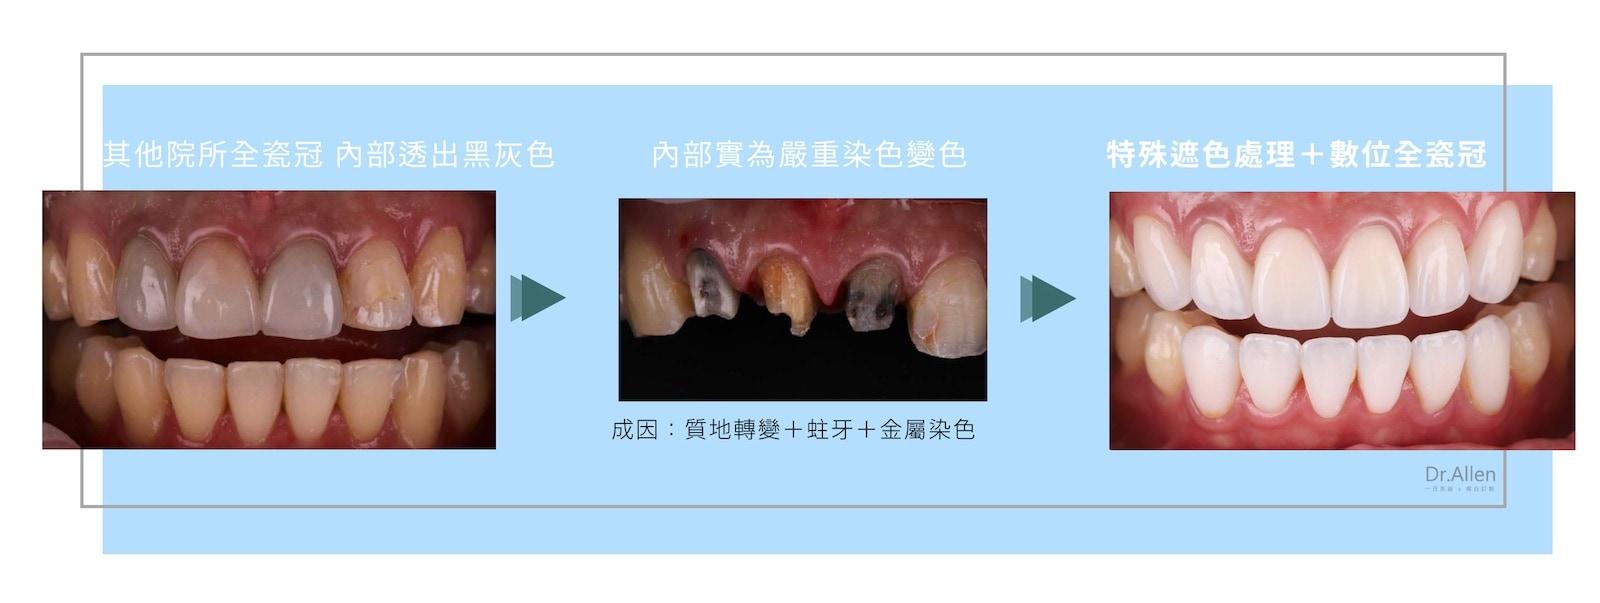 牙齒變色-遮色處理-全瓷冠-陶瓷貼片-價格-台中牙醫推薦